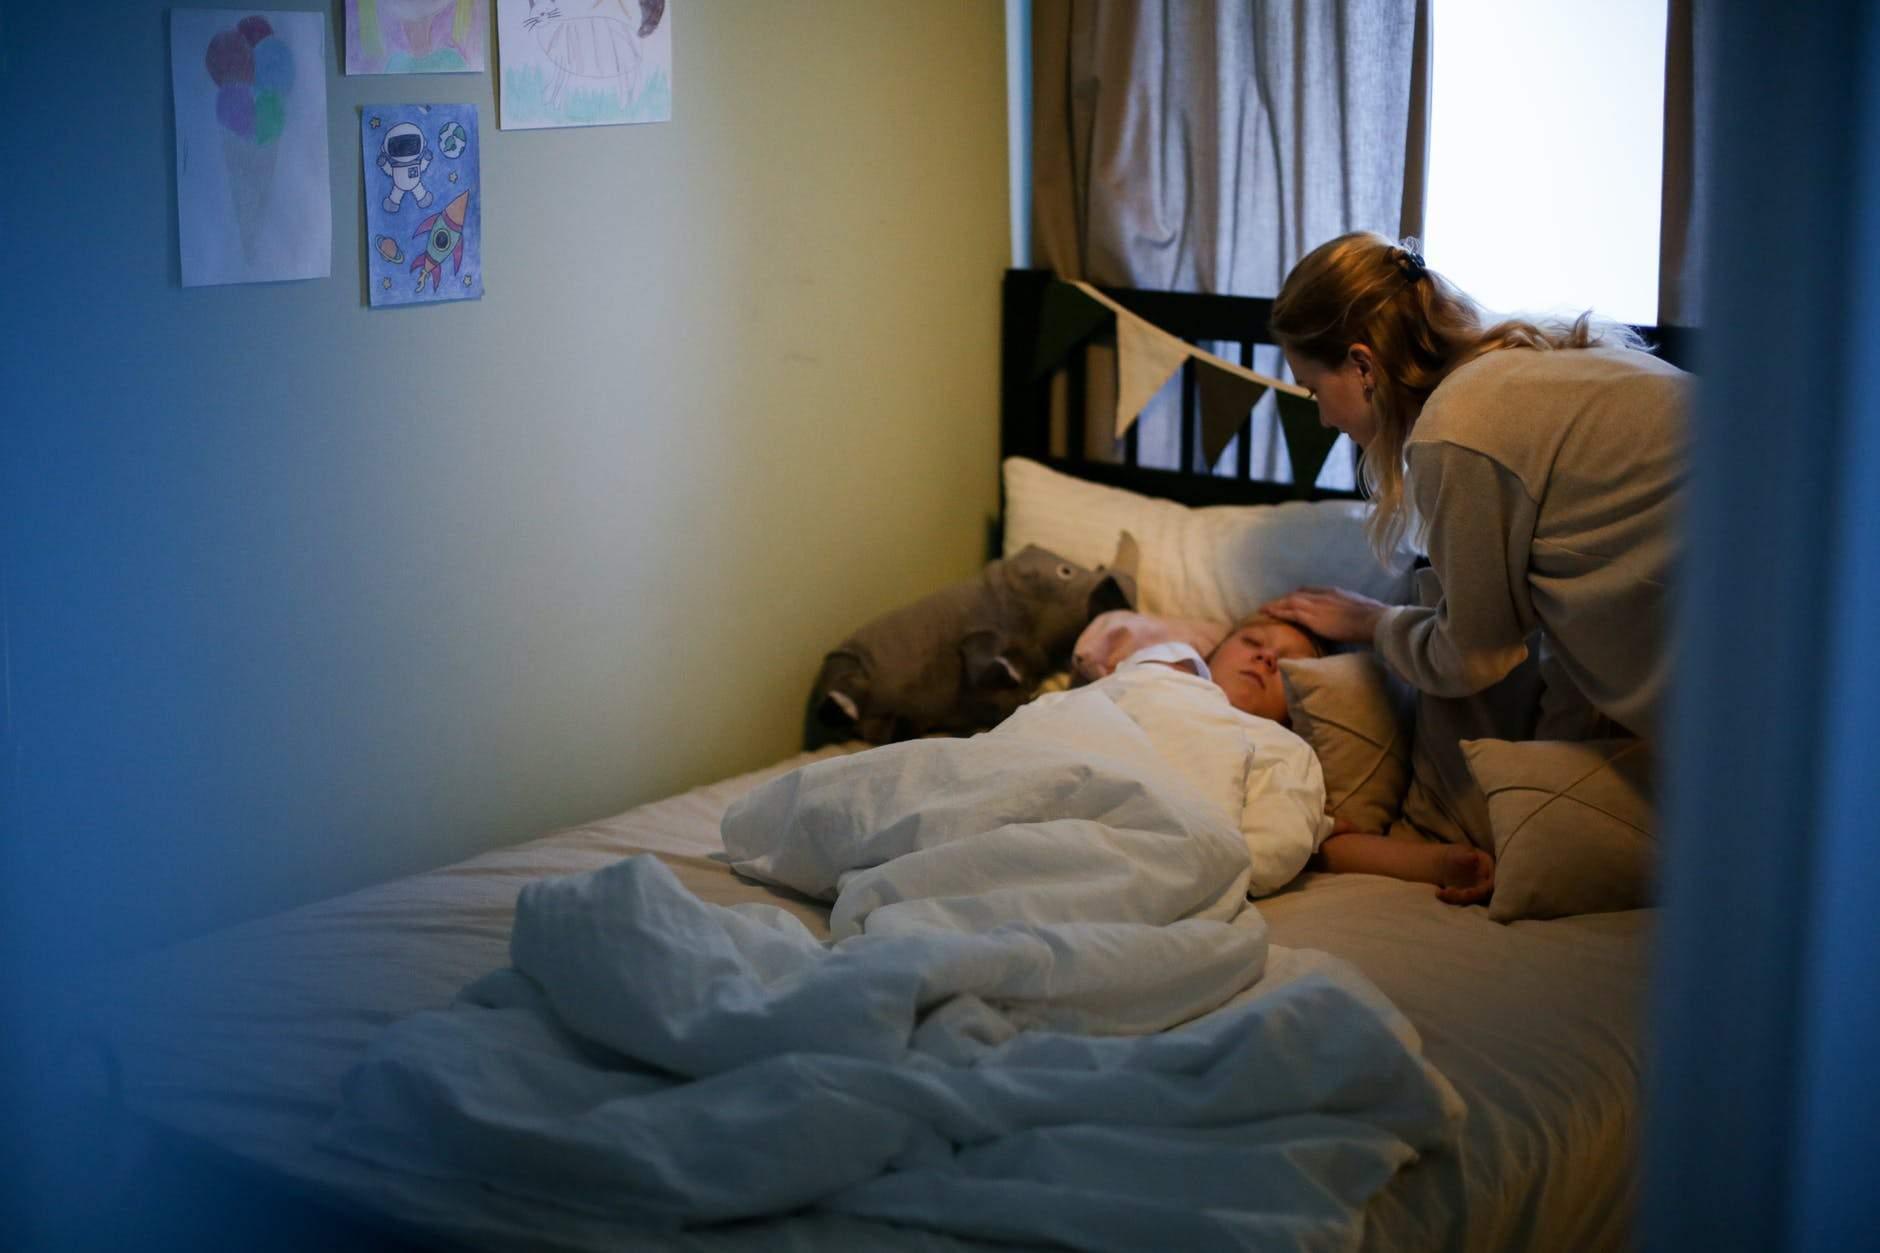 Після травми дитина повинна перебувати під наглядом